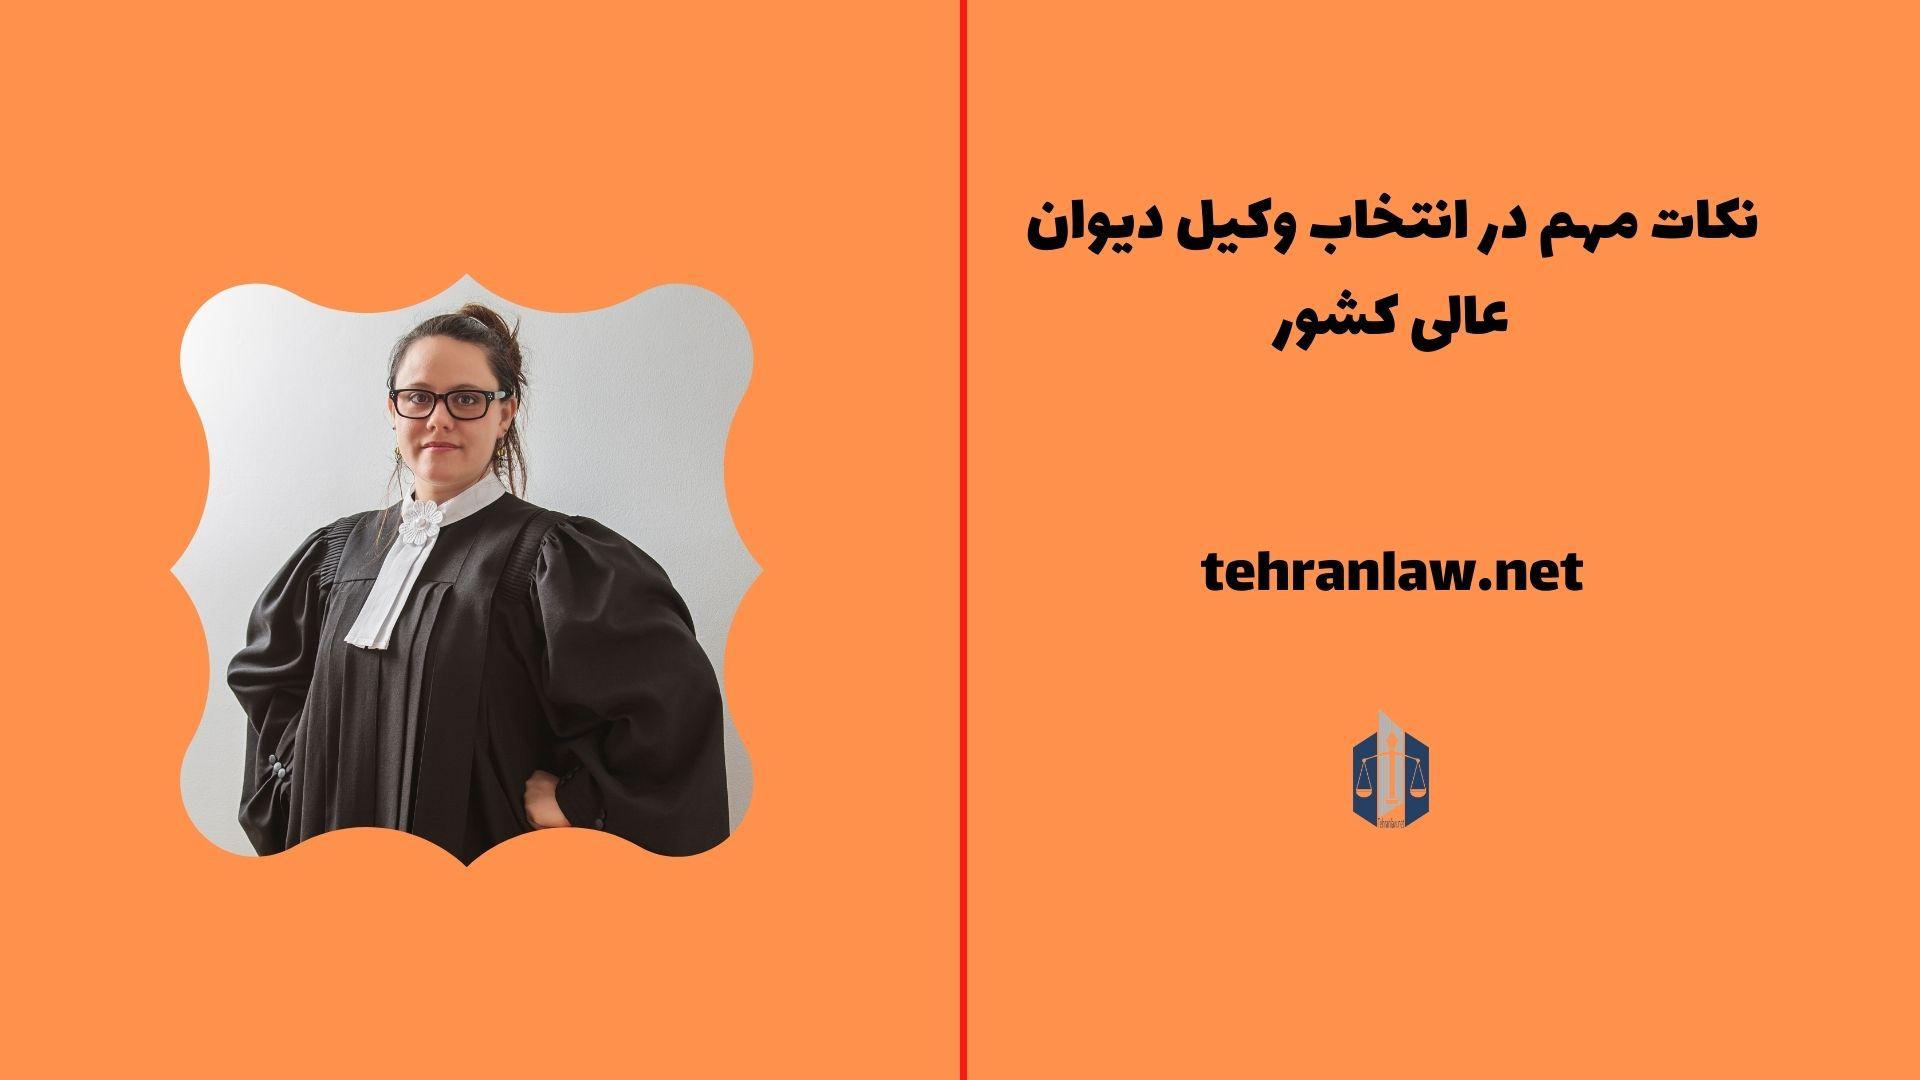 نکات مهم در انتخاب وکیل دیوان عالی کشور